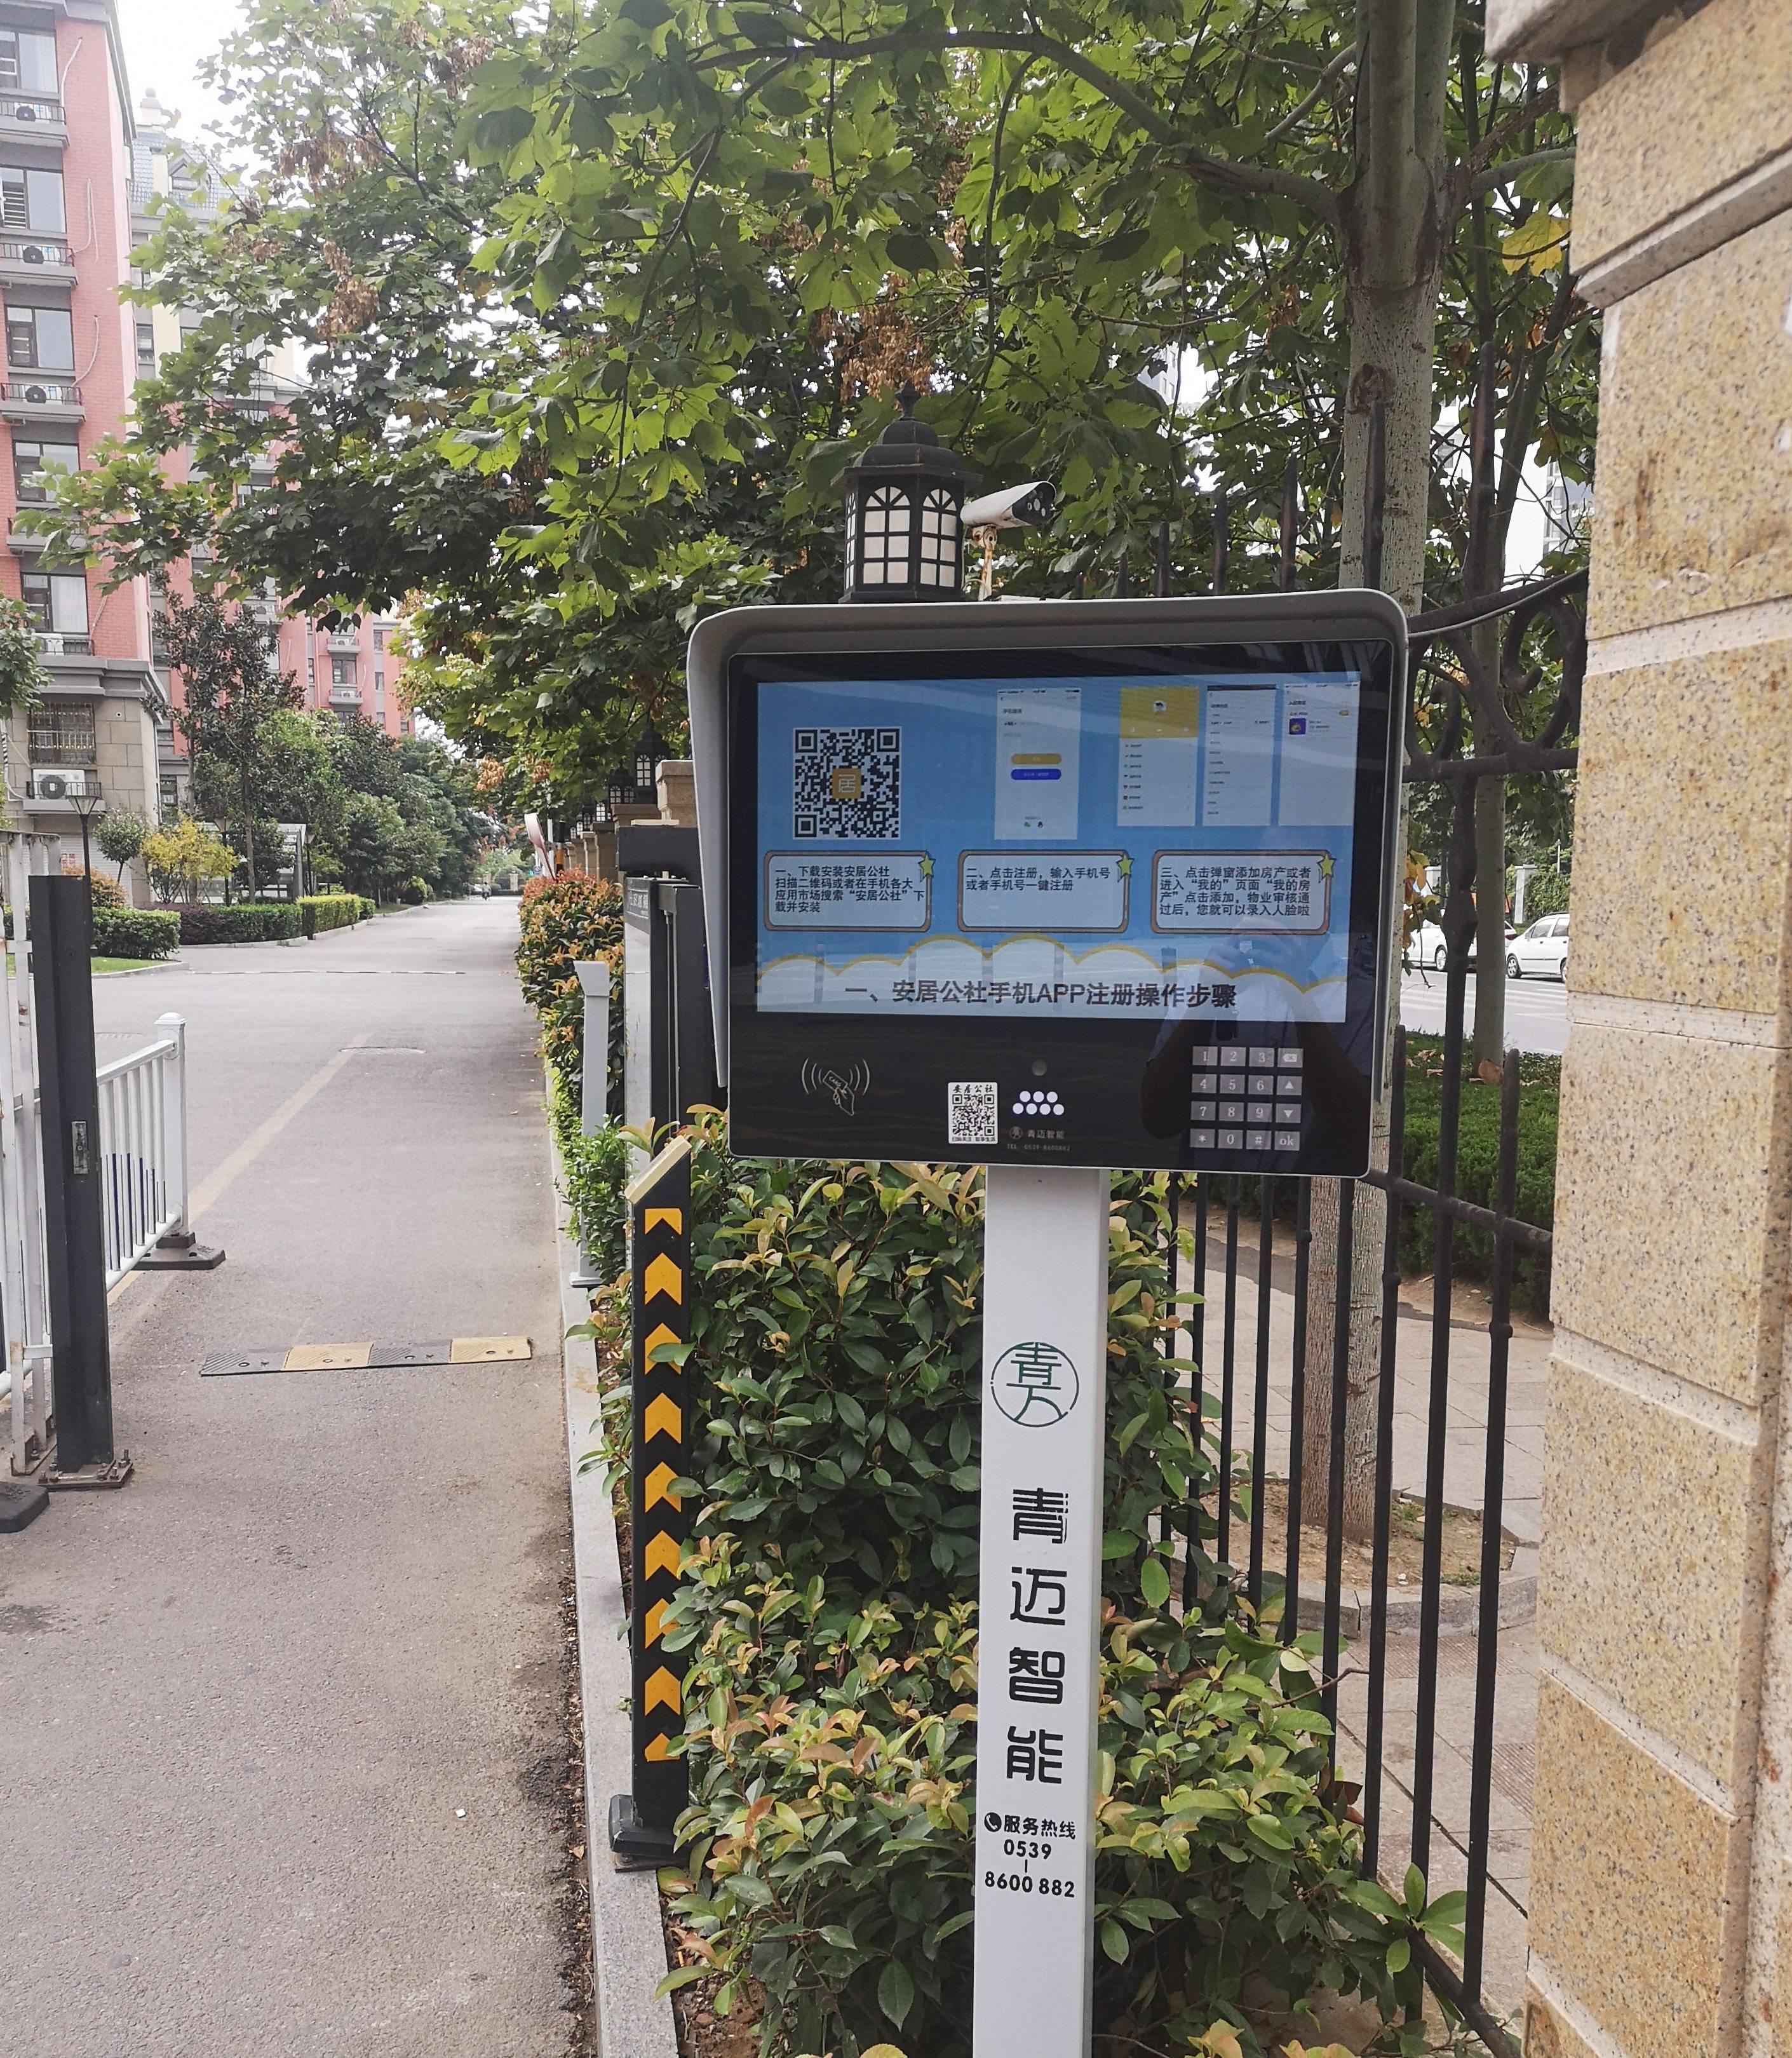 山东省临沂市社区人脸识别门禁设备屏幕广告,两周/台